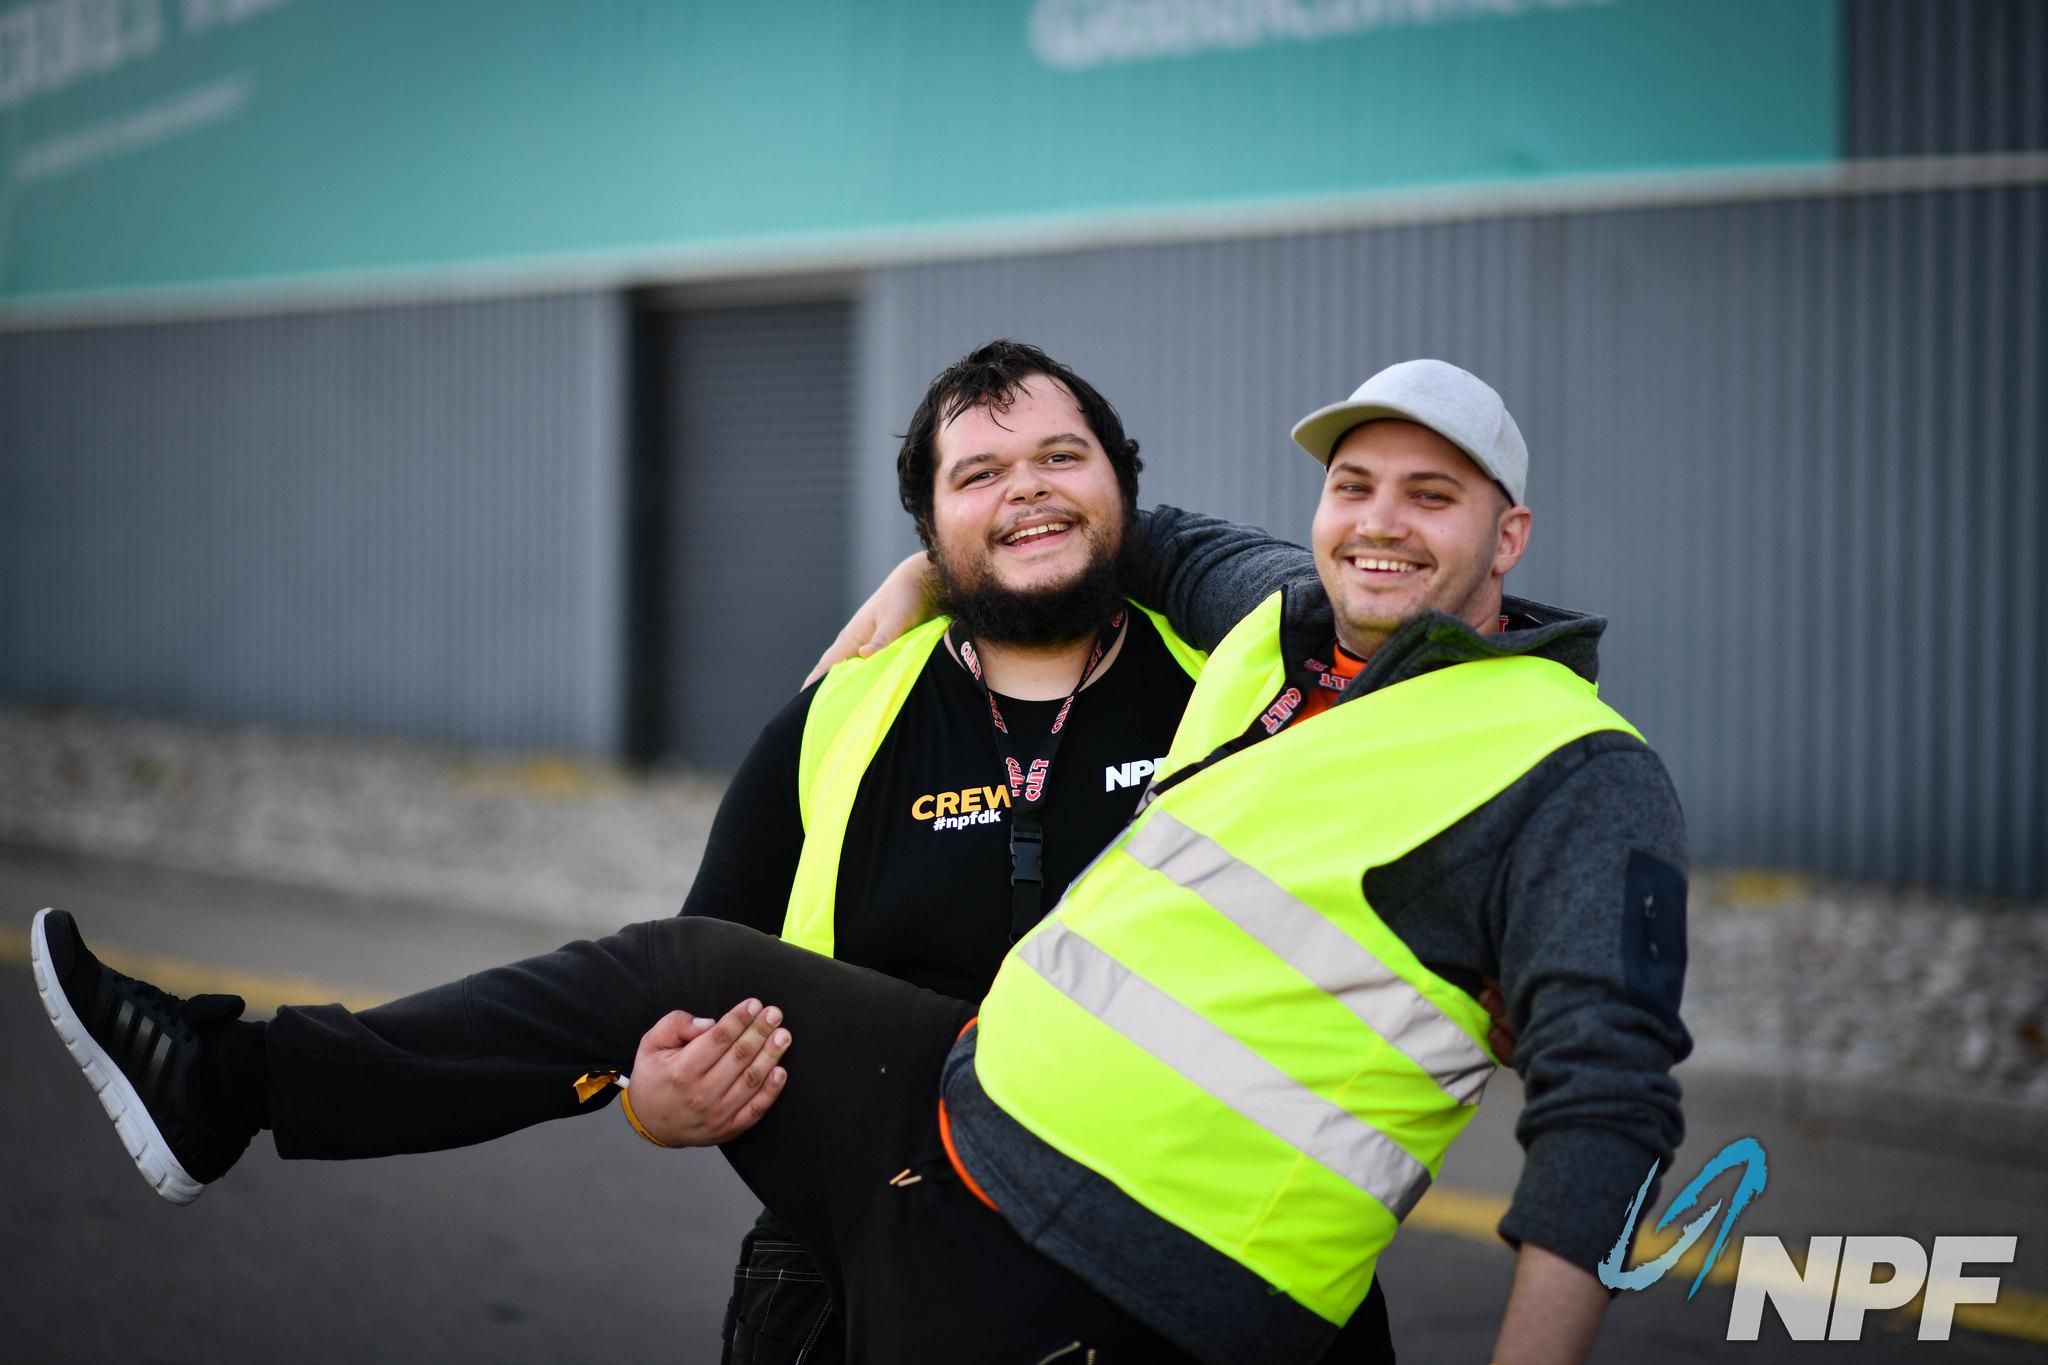 To glade crew der posere foran kamera. Den ene holder den eneste ben oppe og smiler